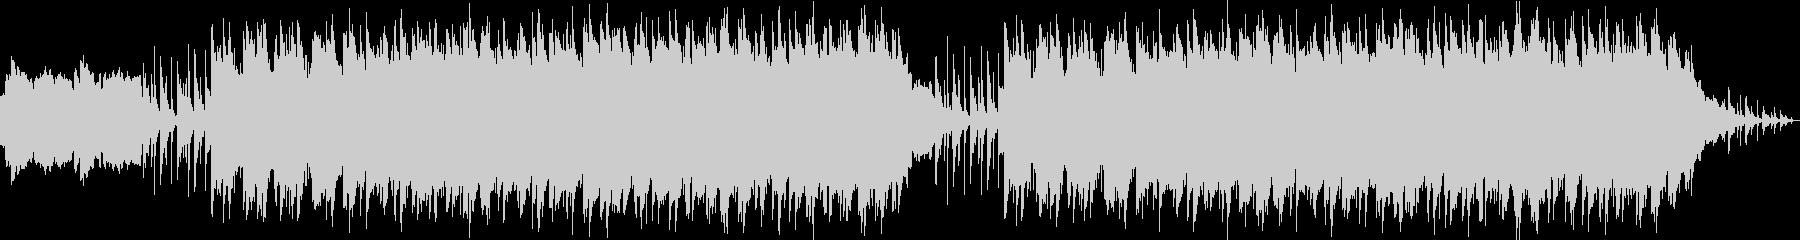 ファンタジーRPGの廃墟をイメージした曲の未再生の波形